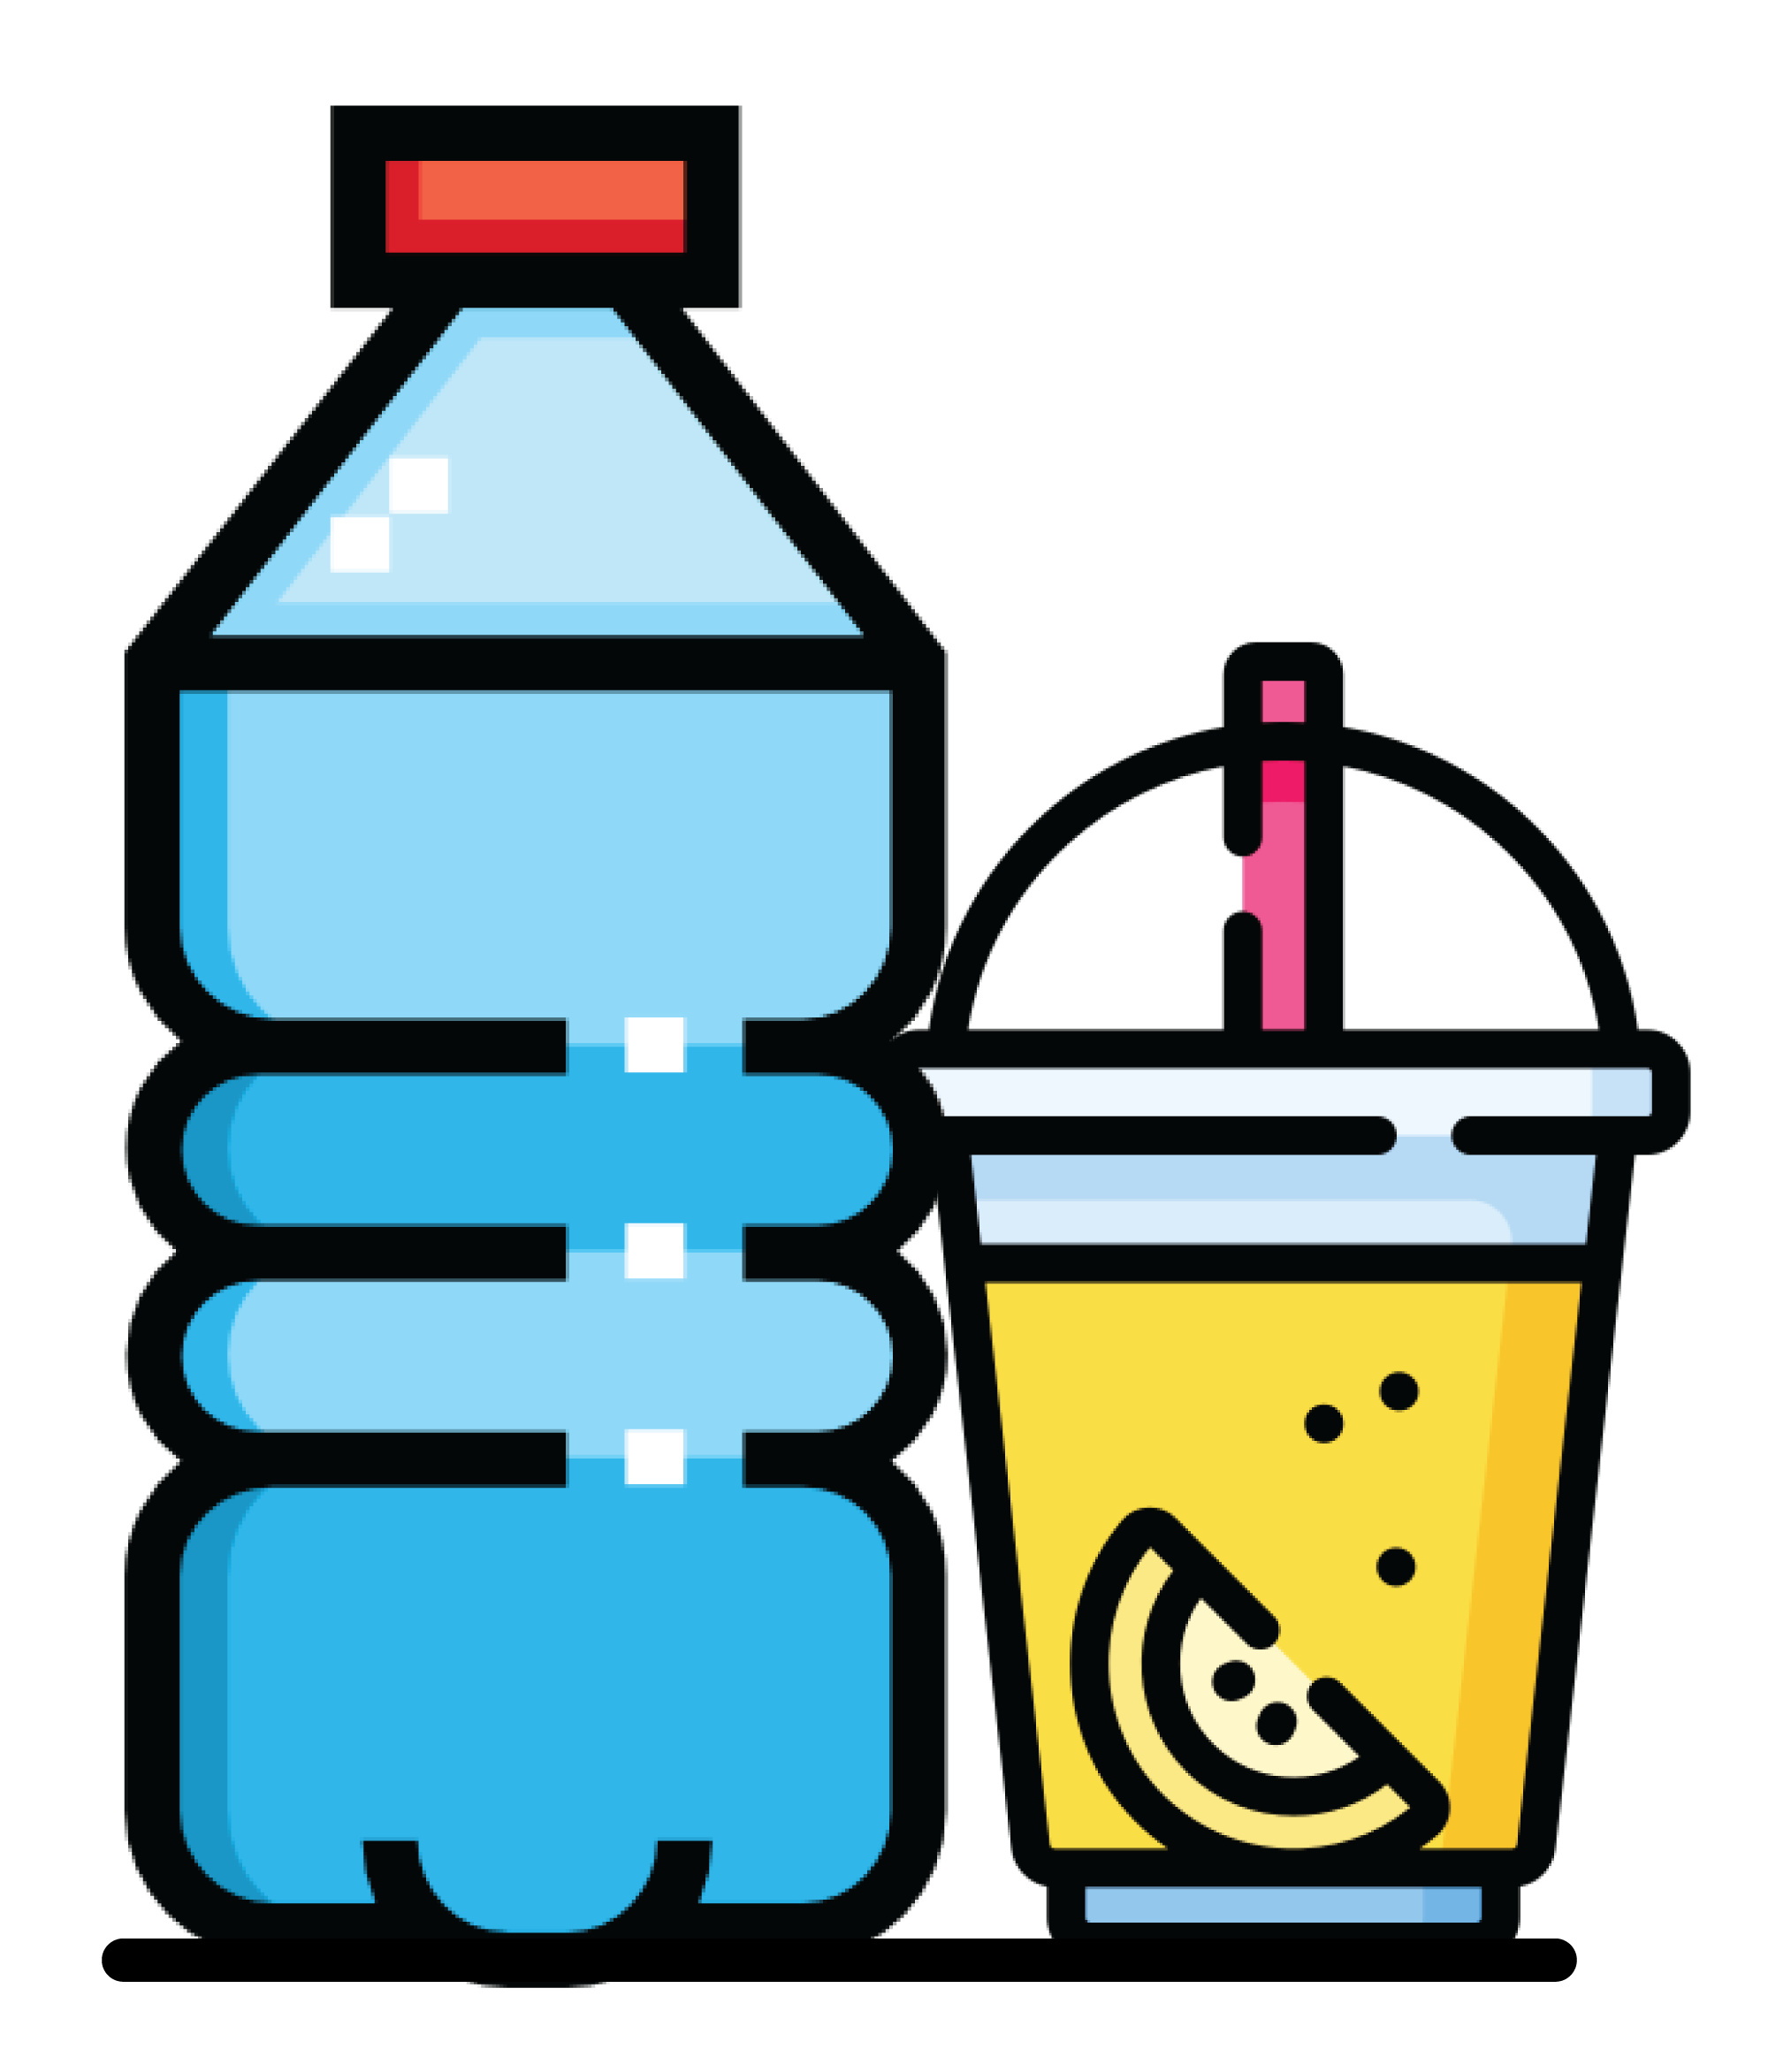 Link zum Getraenke Lieferservice für Wasser und Schorlen